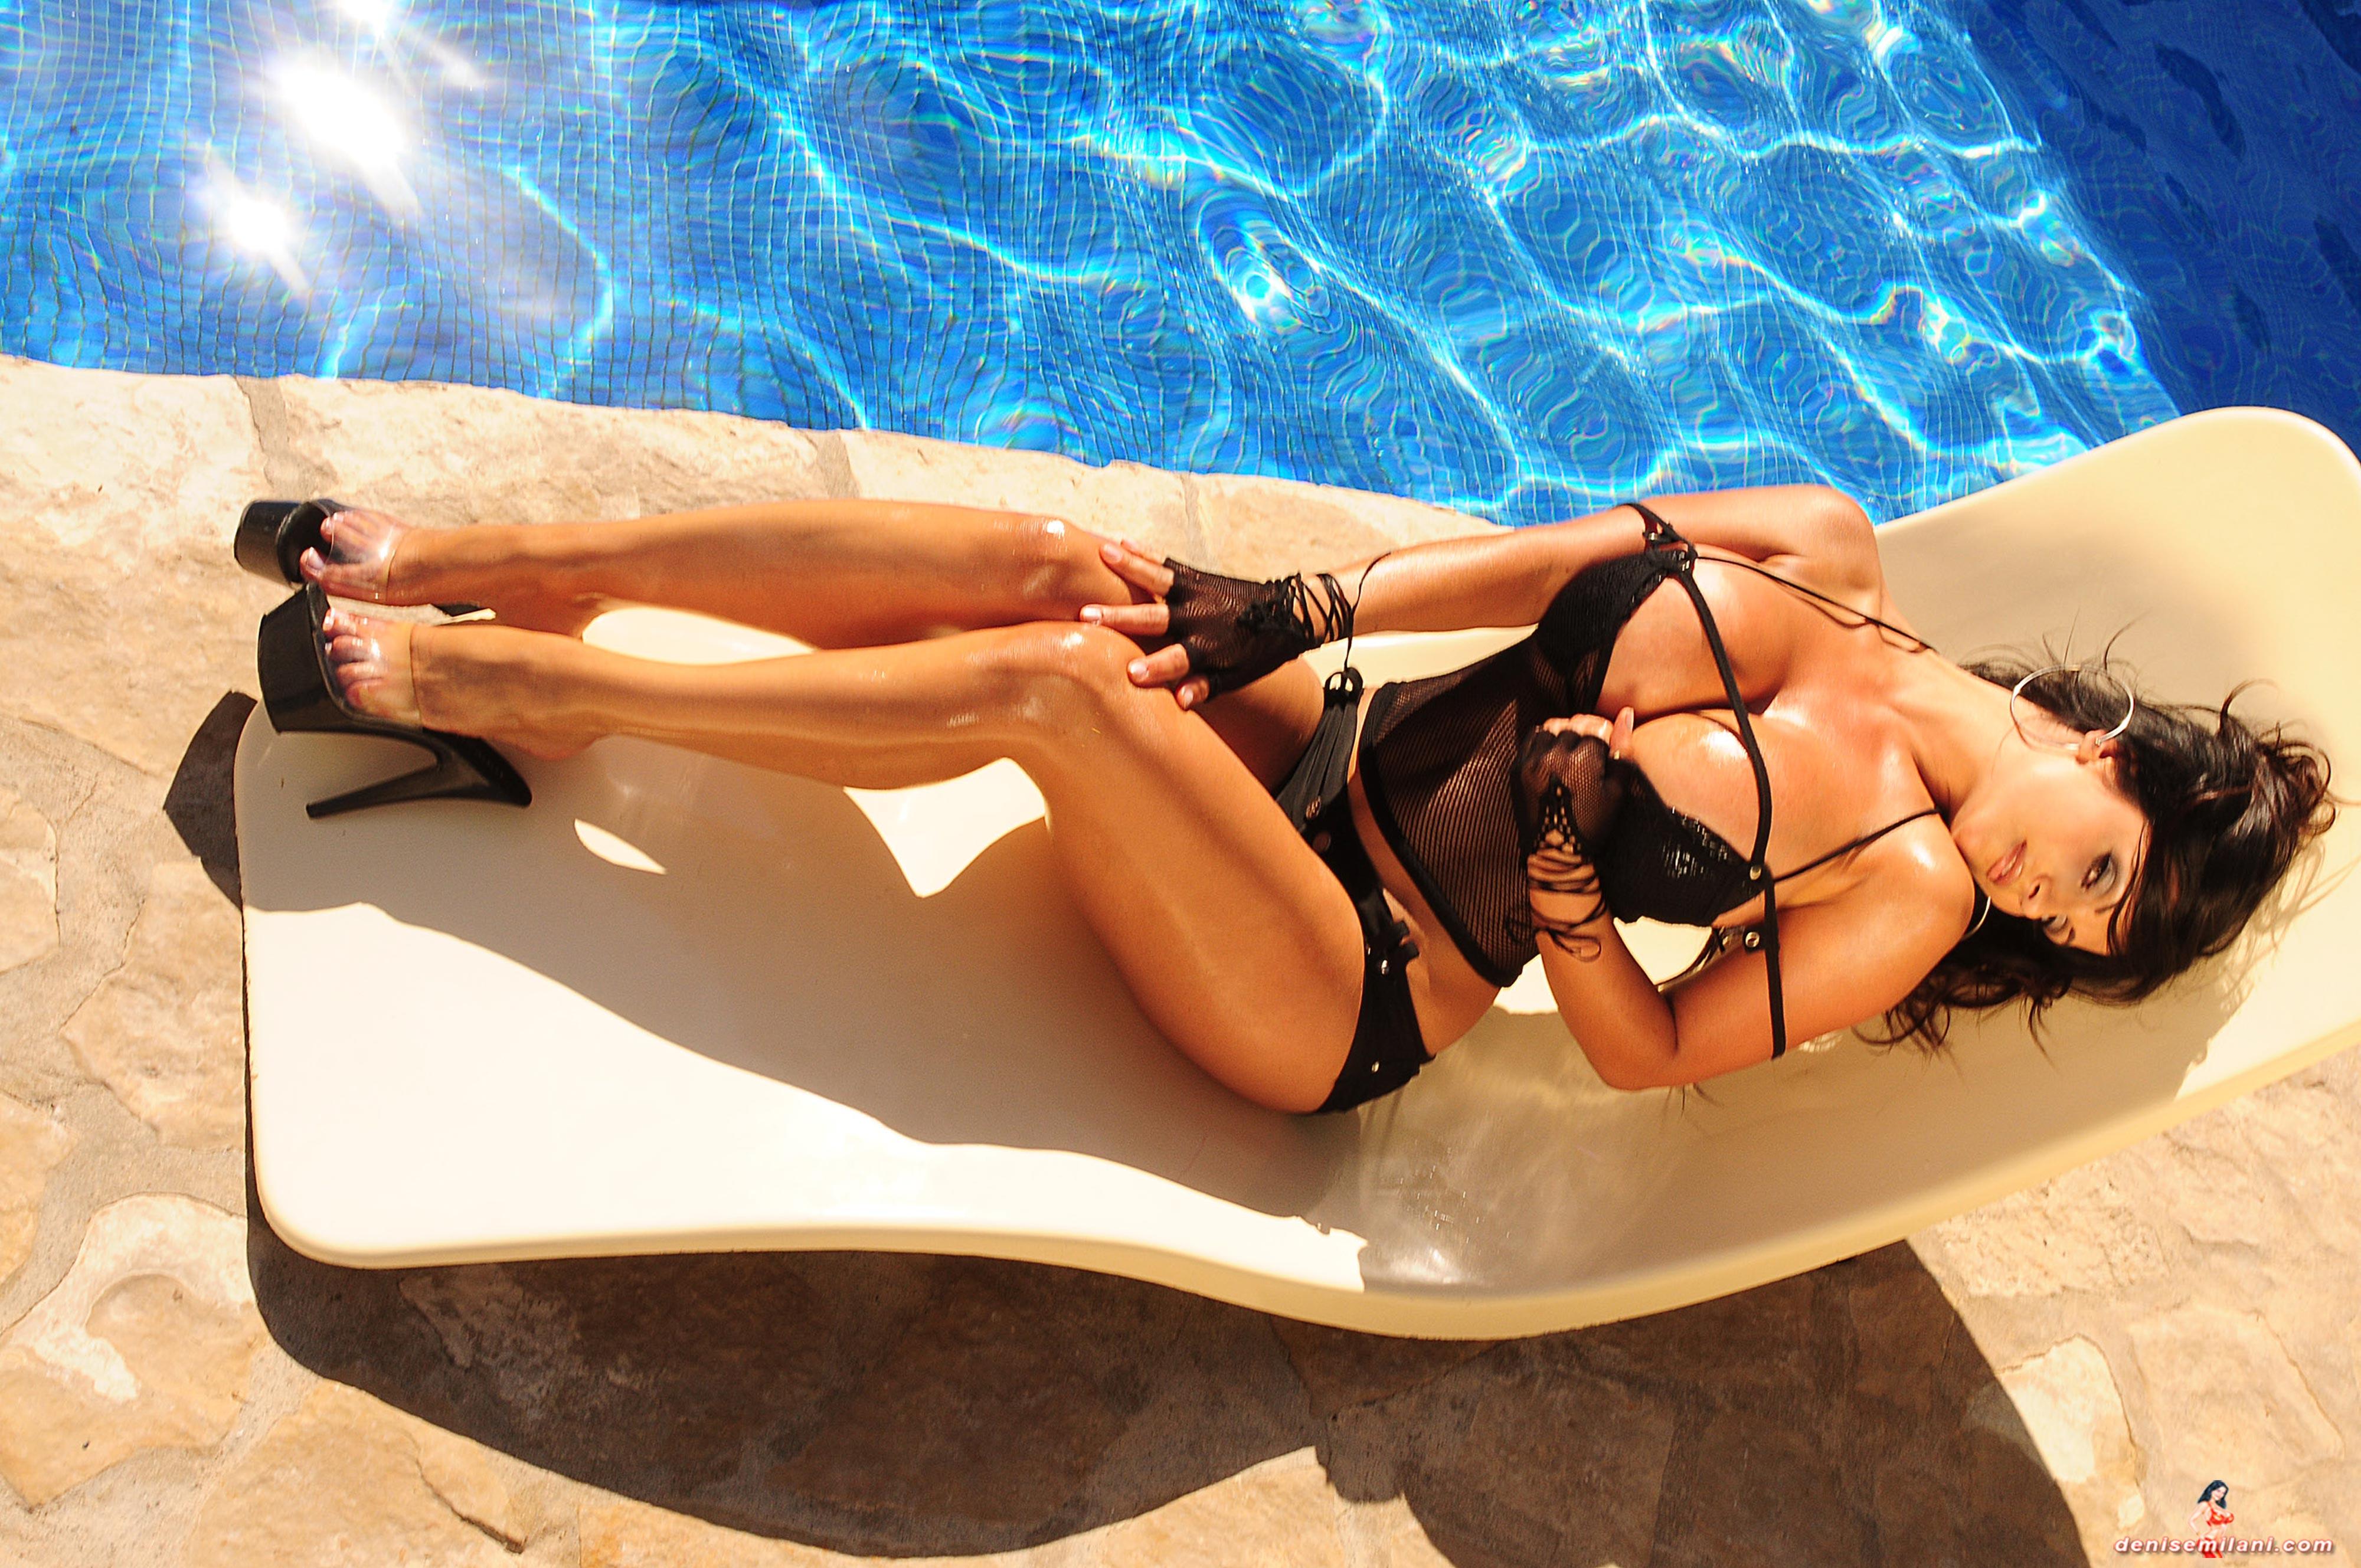 Эротический массаж выезд на дом частные объявления 17 фотография